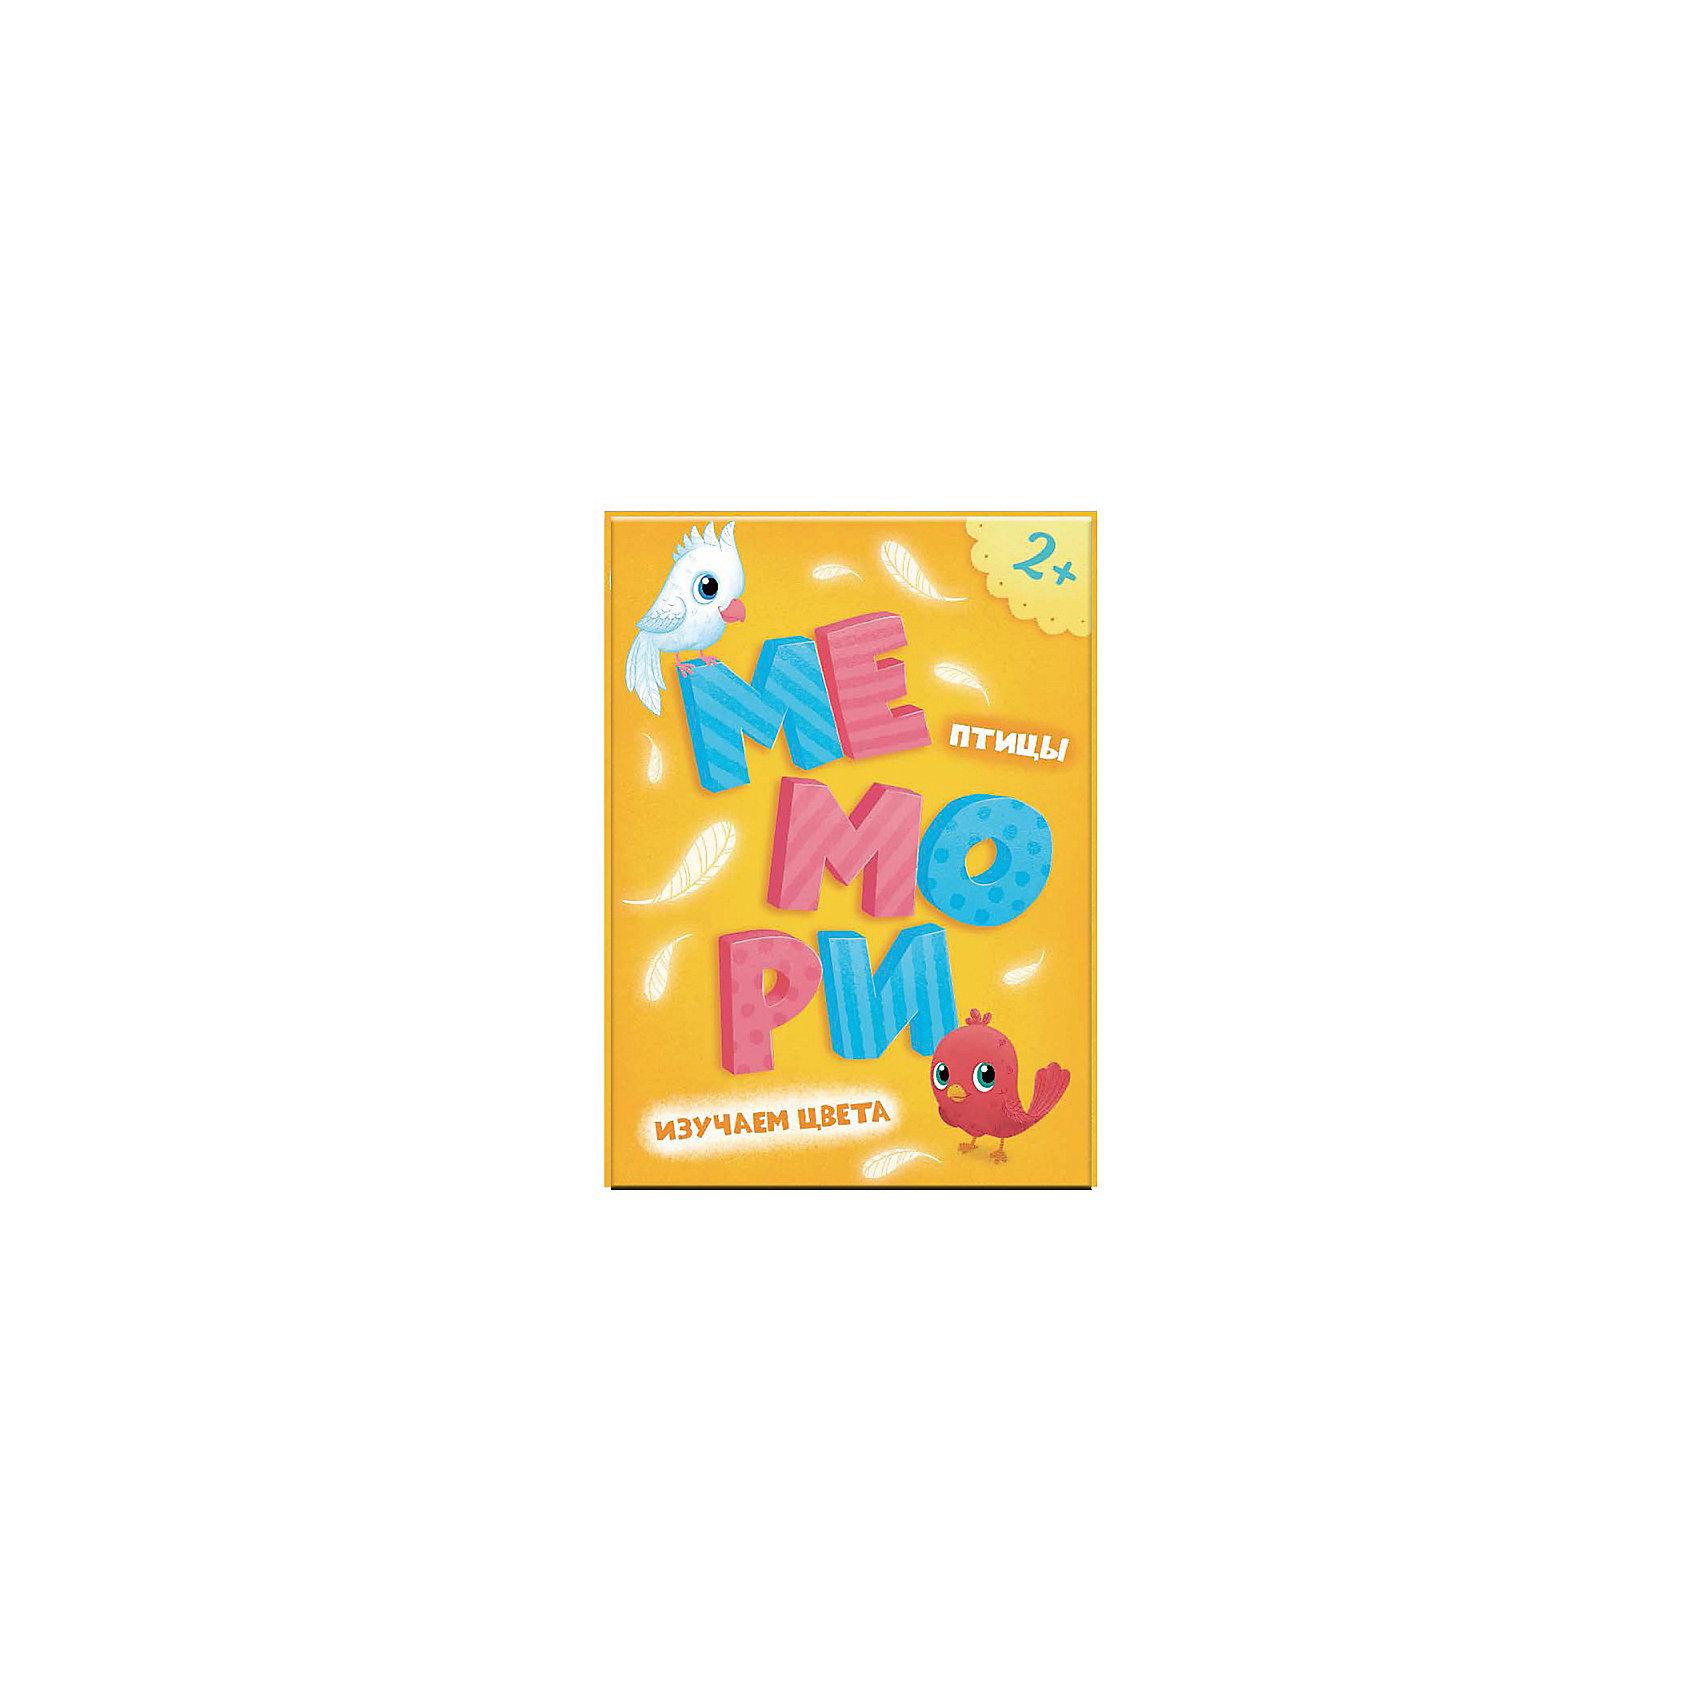 Мемори для малышей Птицы: Изучаем цвета, 25 карточекИгры мемо<br>Характеристики:<br><br>• возраст: от 2 лет<br>• в наборе: 24 карточки с изображениями различных птиц, 1 карточка для родителей.<br>• издательство: ГеоДом<br>• иллюстрации: цветные<br>• упаковка: картонная коробка с европодвесом<br>• размер: 16,7х10,3х1,3 см.<br>• вес: 116 гр.<br>• ISBN: 4607177454177<br><br>«Мемори» — весёлый и интересный способ тренировать память и внимание. Ребёнок, отыскивая среди ярких и красивых карточек подходящую пару, развивает своё цветовое восприятие, логическое и ассоциативное мышление.<br><br>Мемори для малышей Птицы: Изучаем цвета, 25 карточек можно купить в нашем интернет-магазине.<br><br>Ширина мм: 100<br>Глубина мм: 140<br>Высота мм: 60<br>Вес г: 143<br>Возраст от месяцев: 24<br>Возраст до месяцев: 2147483647<br>Пол: Унисекс<br>Возраст: Детский<br>SKU: 6845933